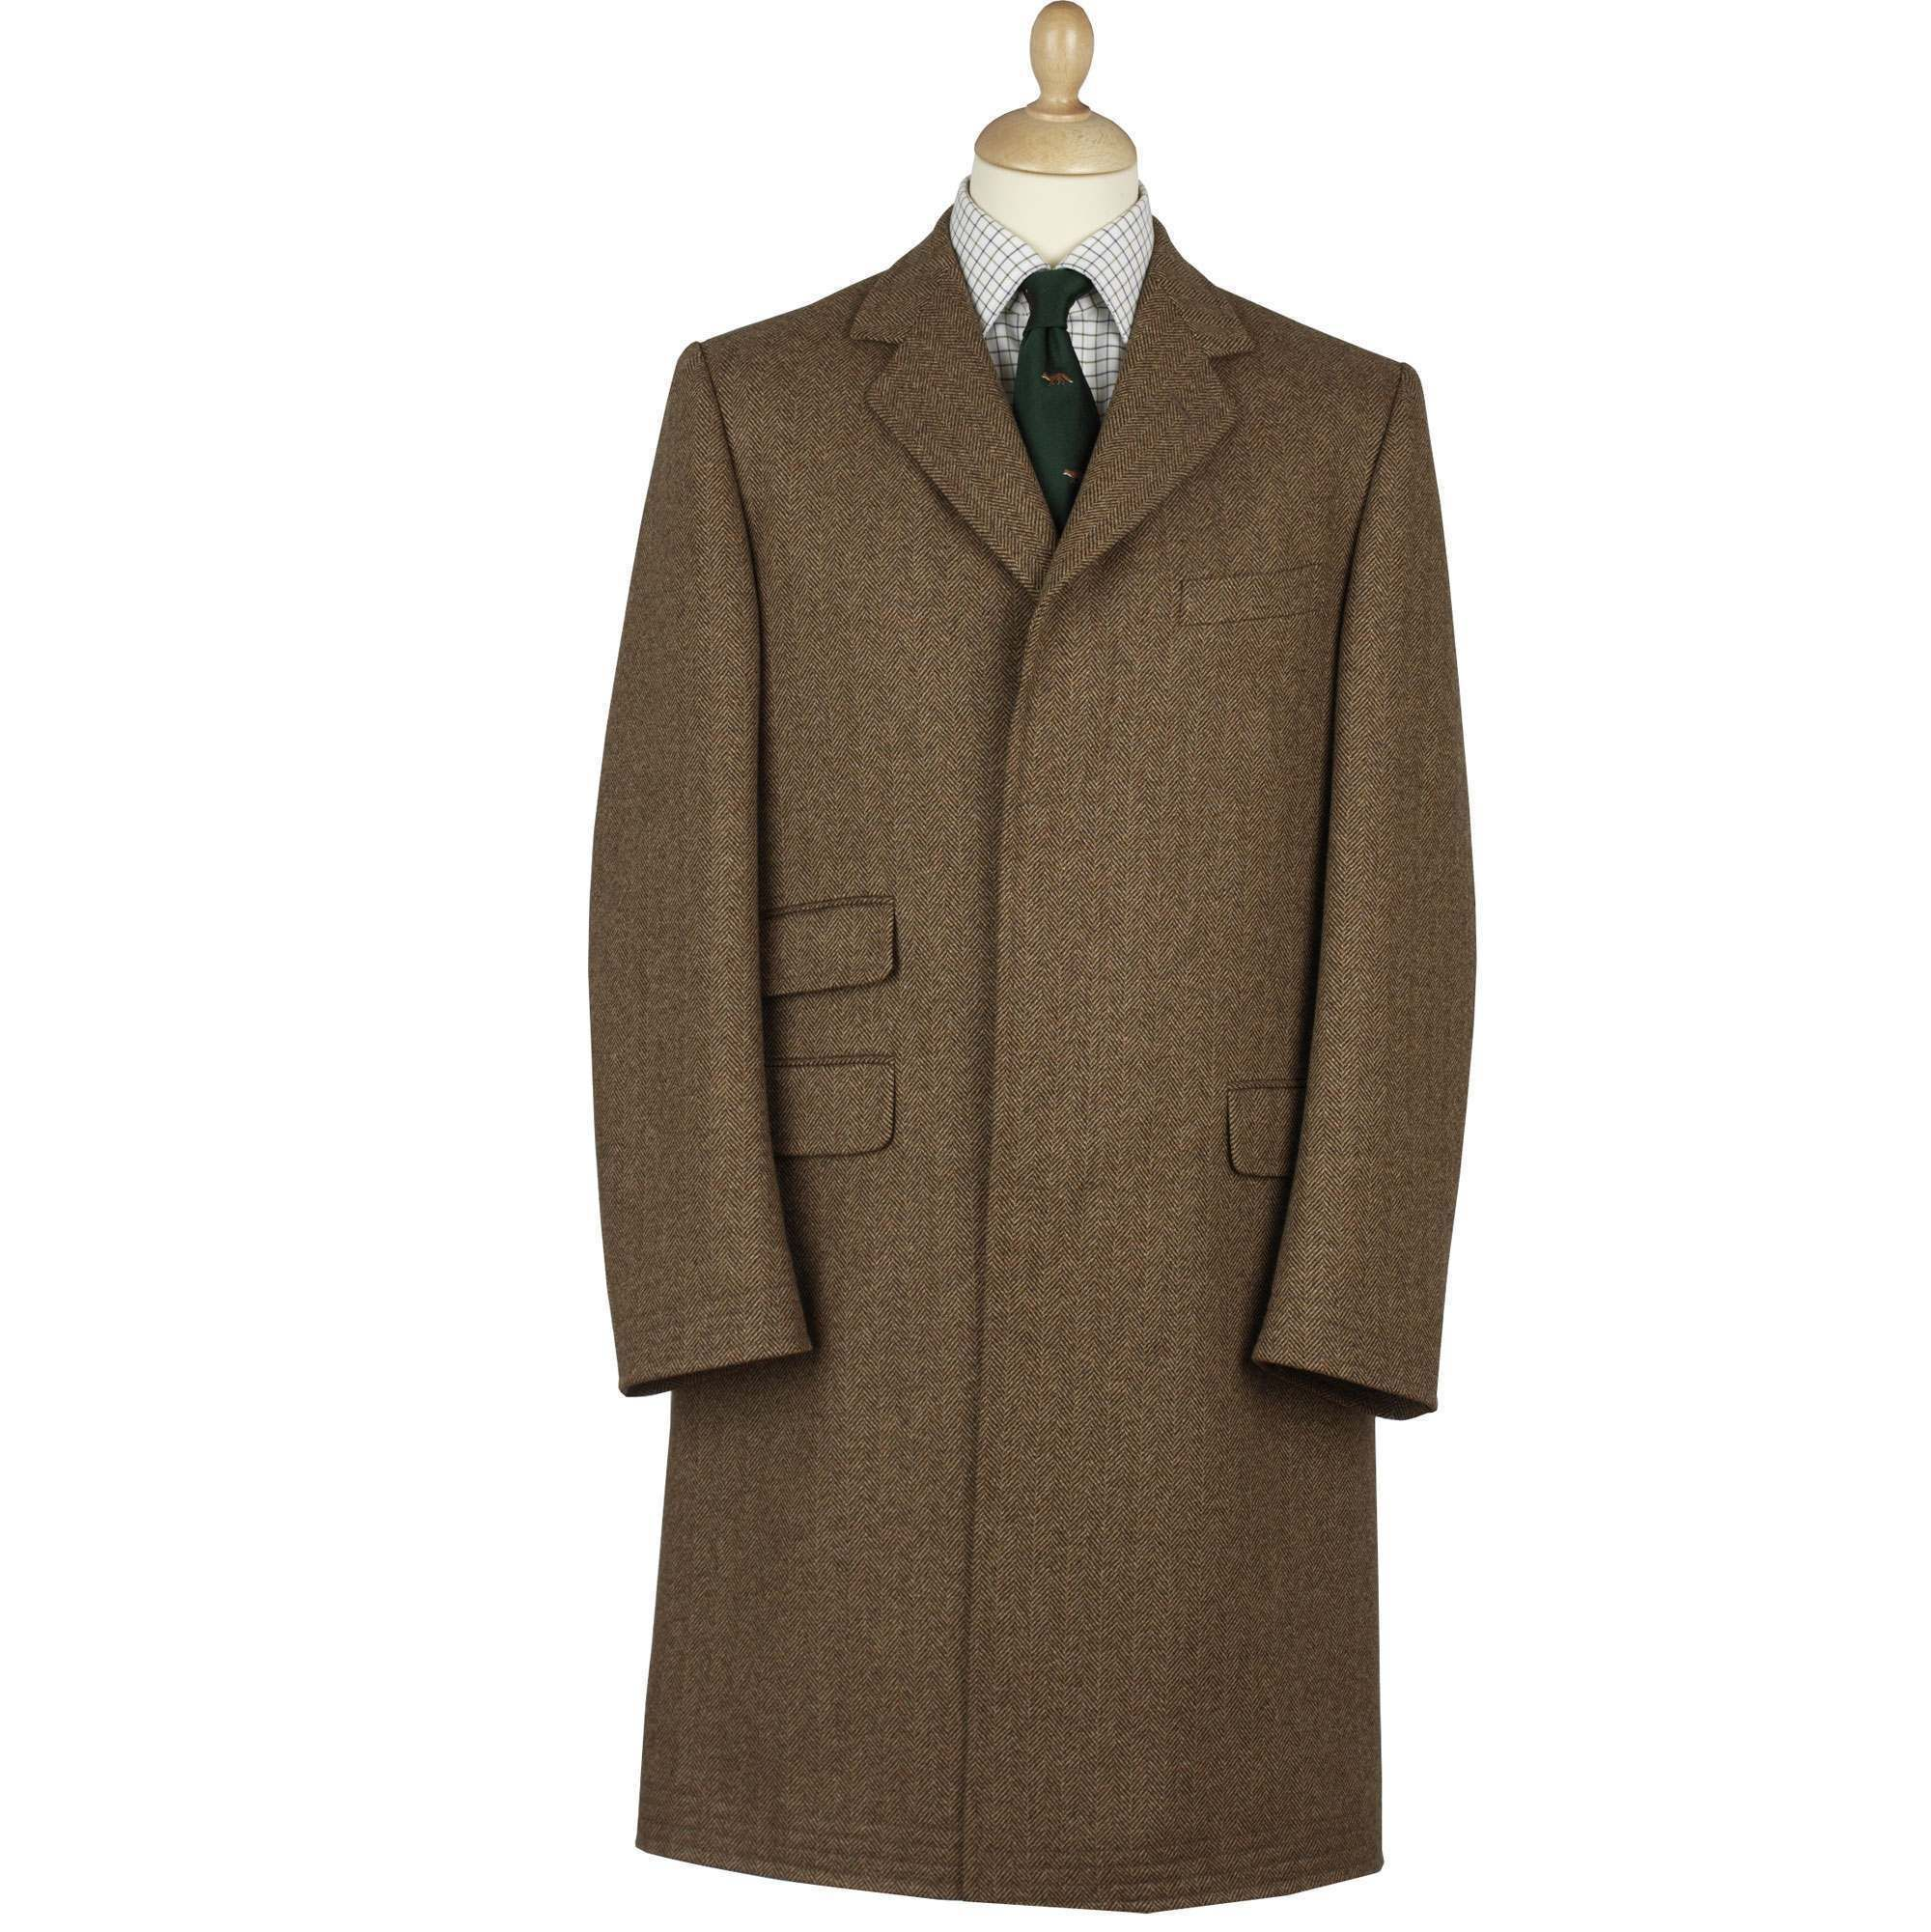 Men's Country Coats | Covert Coat